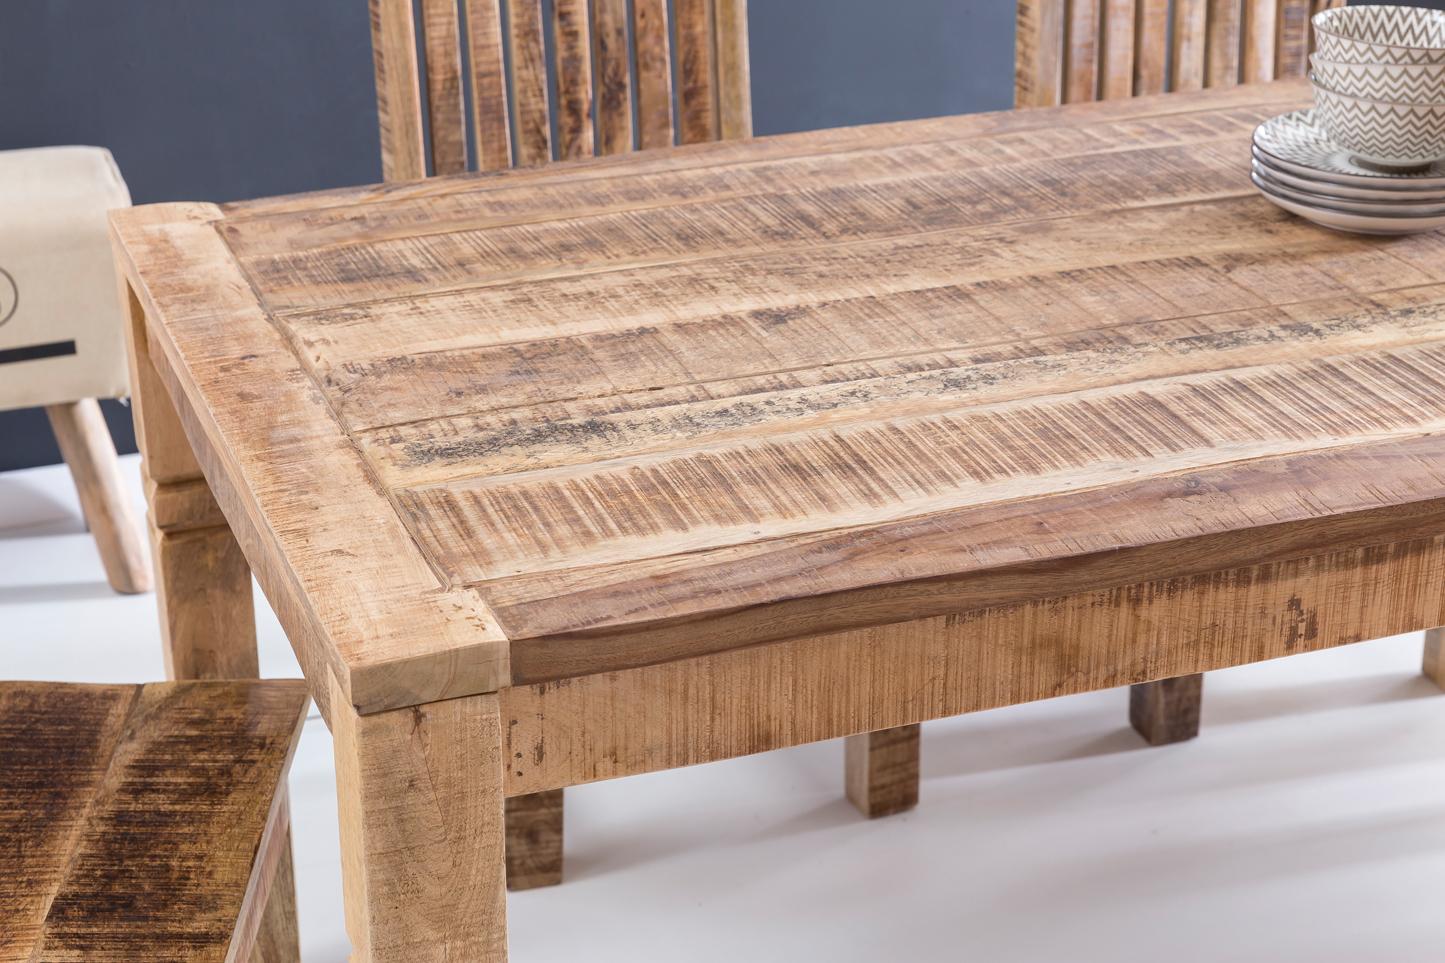 FineBuy Esszimmertisch FB45592 Braun 120 x 76 x 70 cm Mango Massivholz | Design Landhaus Esstisch Massiv | Tisch für Esszimmer rechteckig |